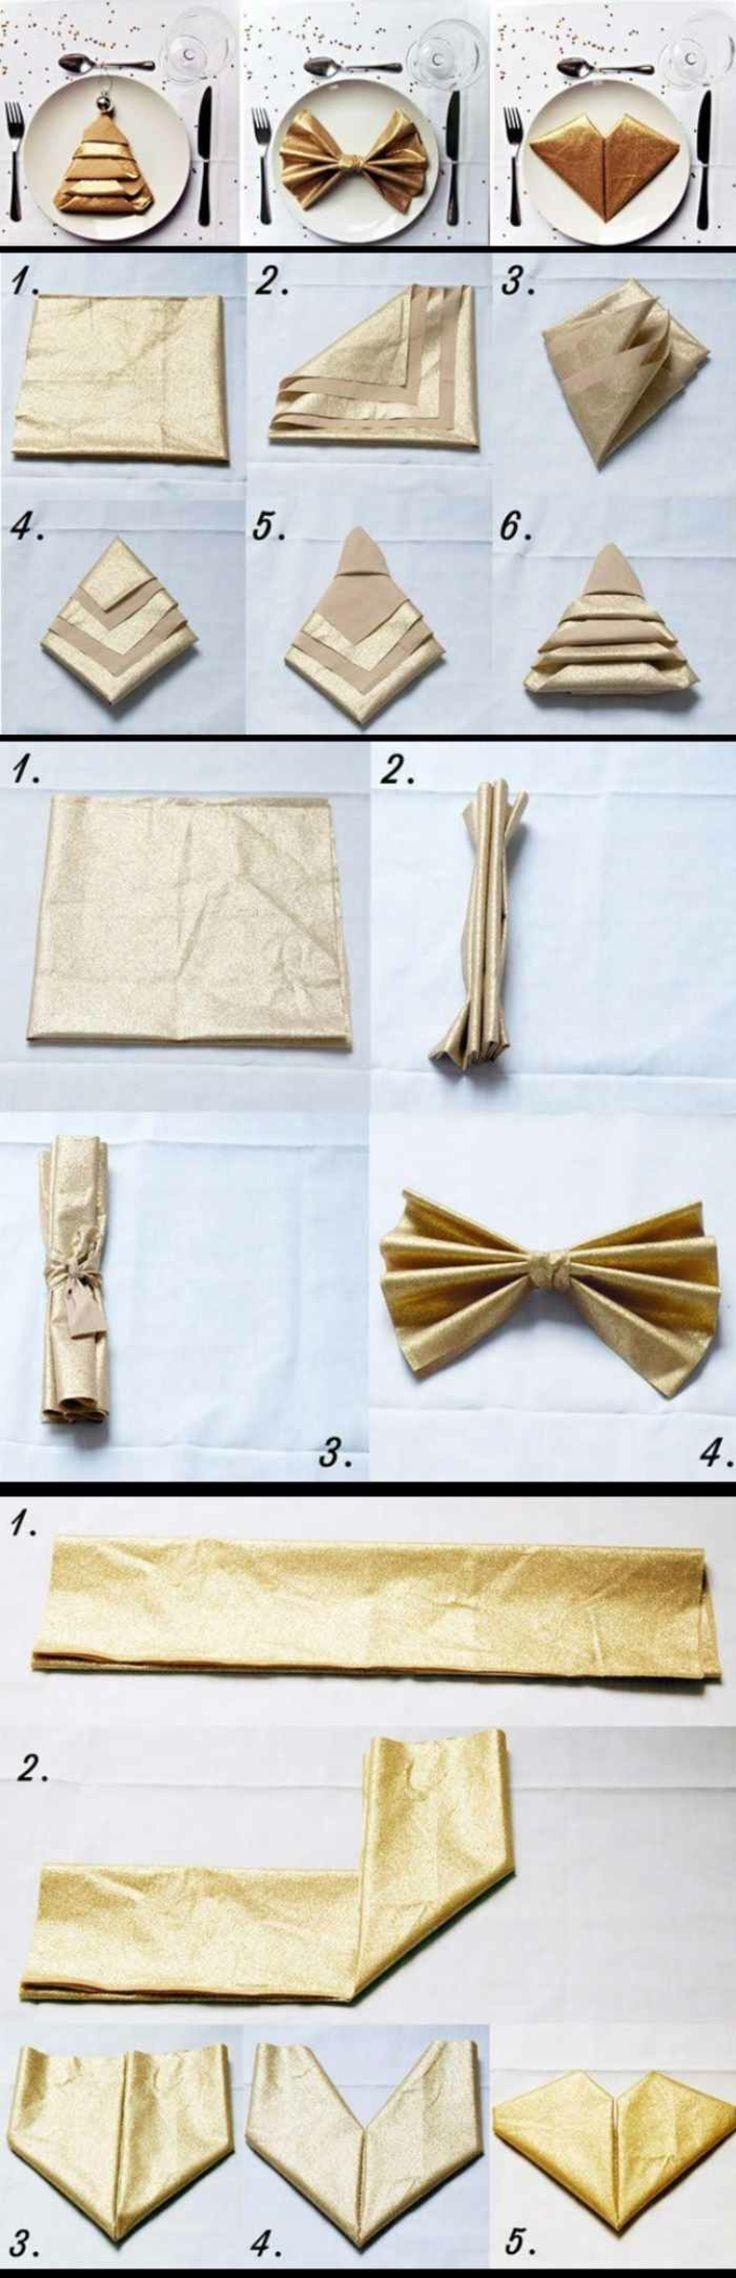 Servietten falten Anleitung in Bildern Weihnachtsdeko Ideen